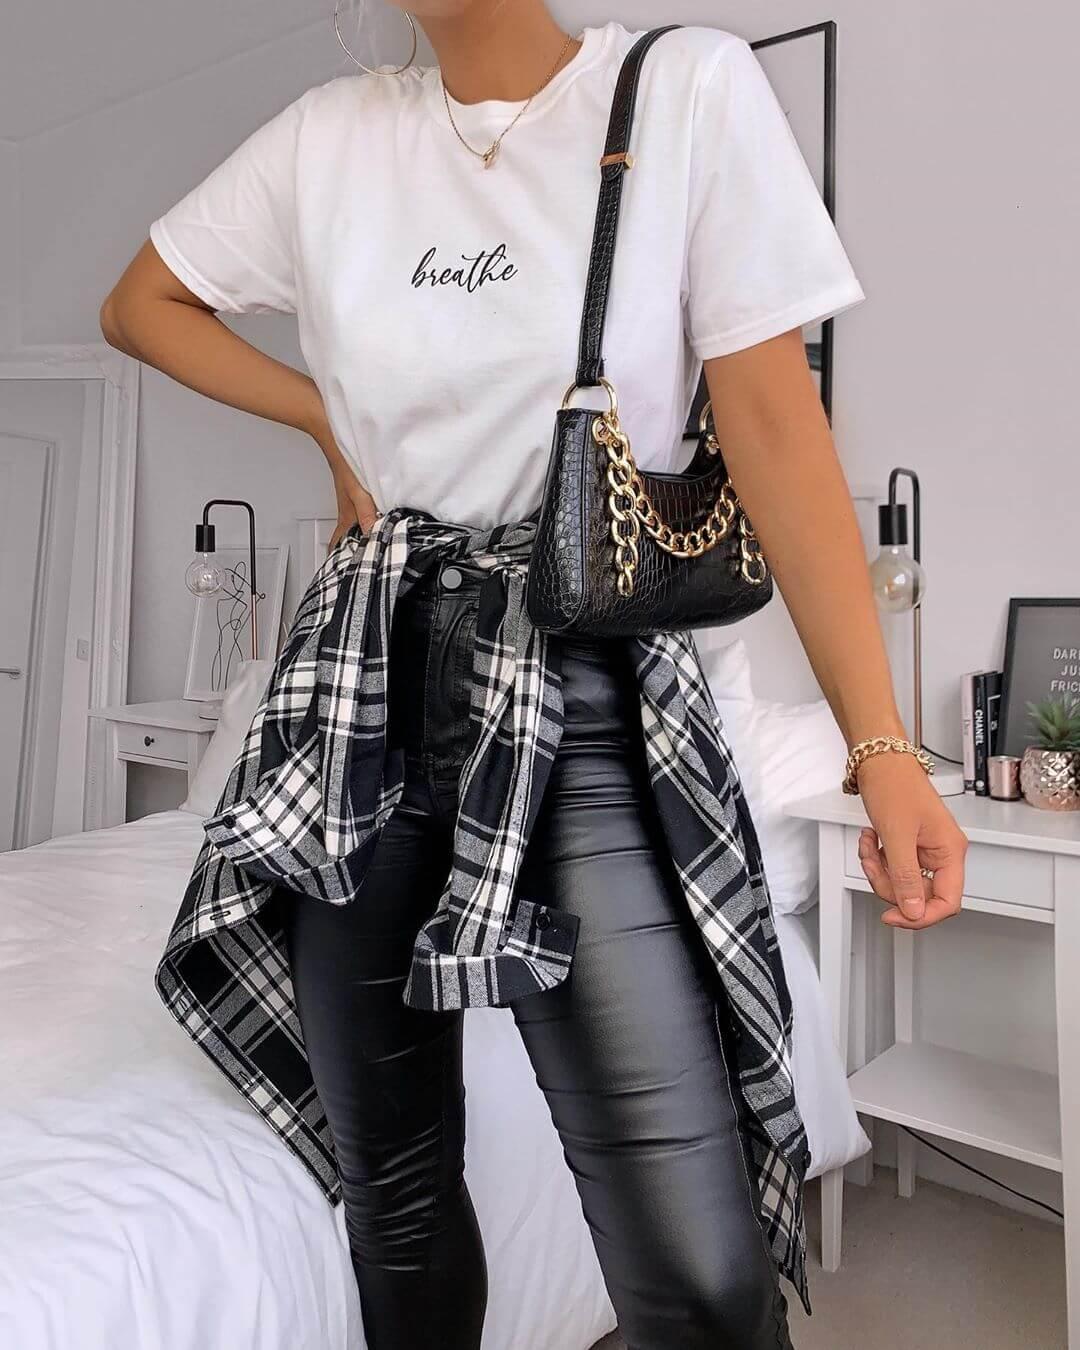 Checks Shirt with Leather Pants